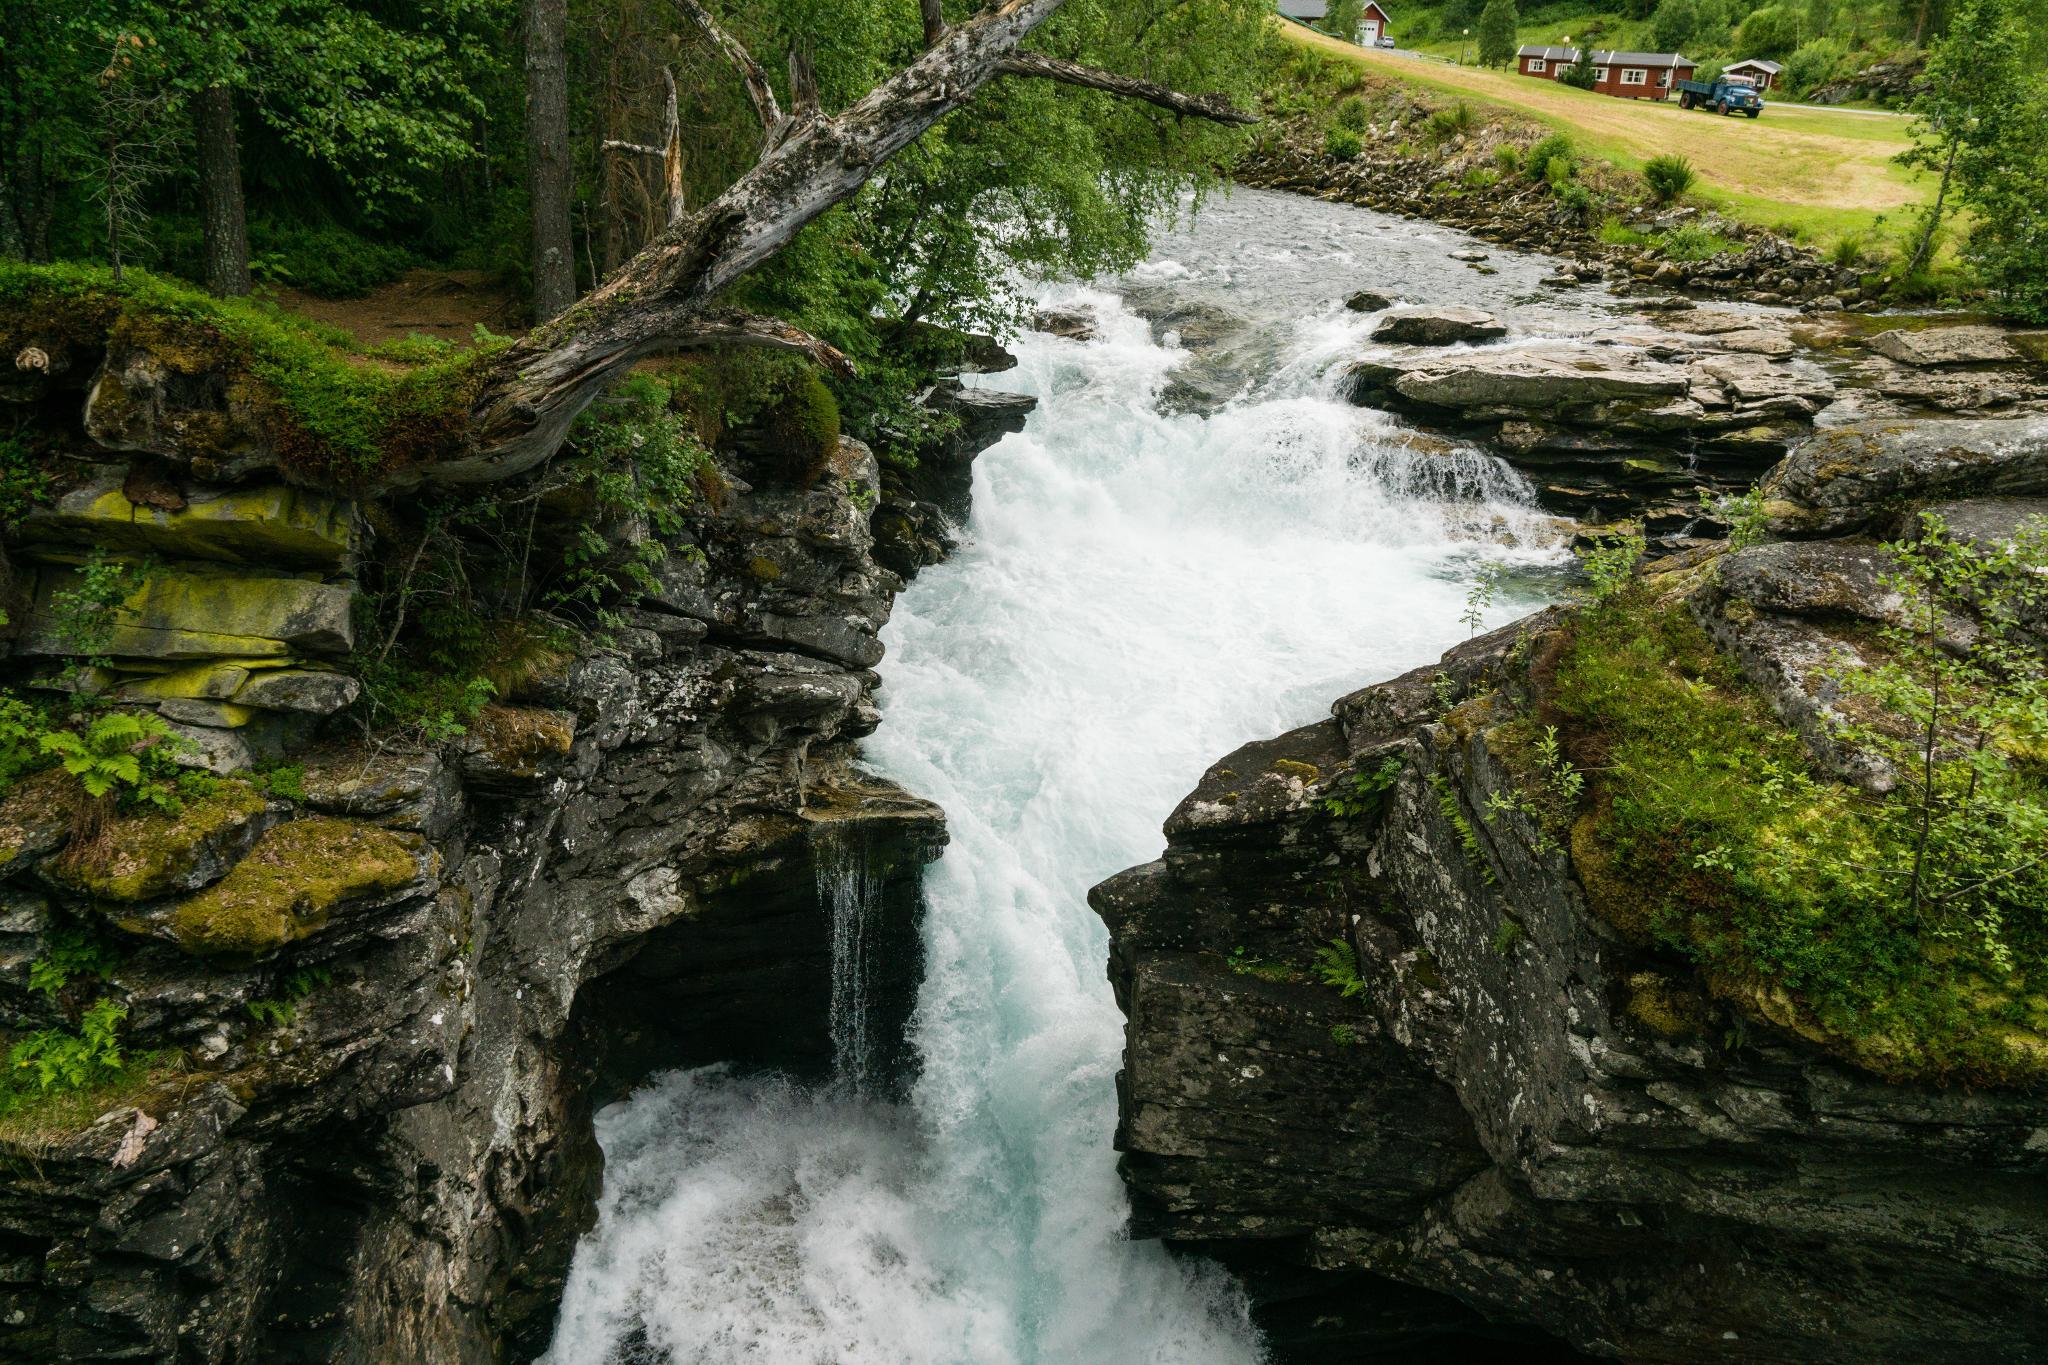 【北歐景點】Trollstigen 精靈之路 ∣ 挪威最驚險的世界級景觀公路 32